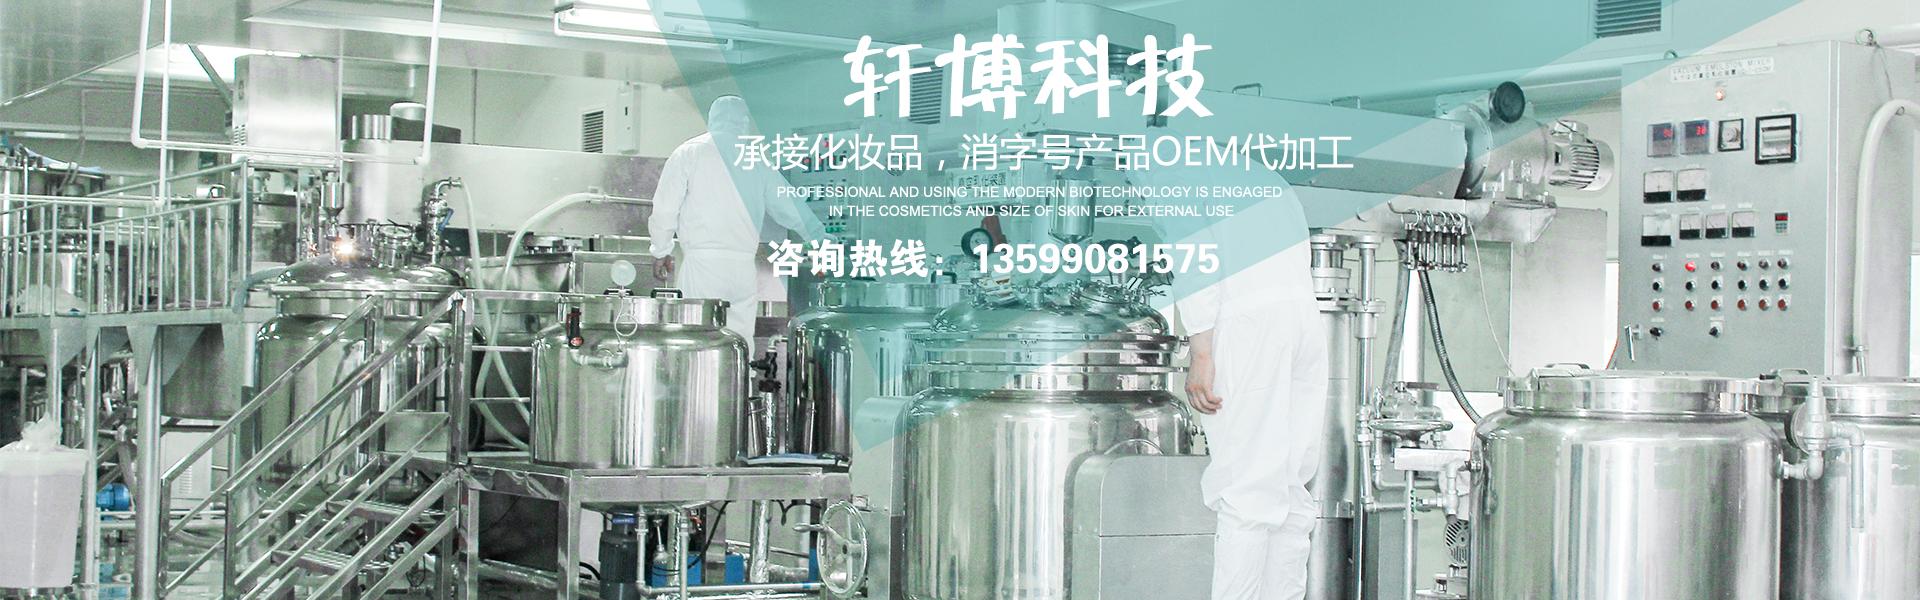 福州轩博生物科技有限公司_关于我们